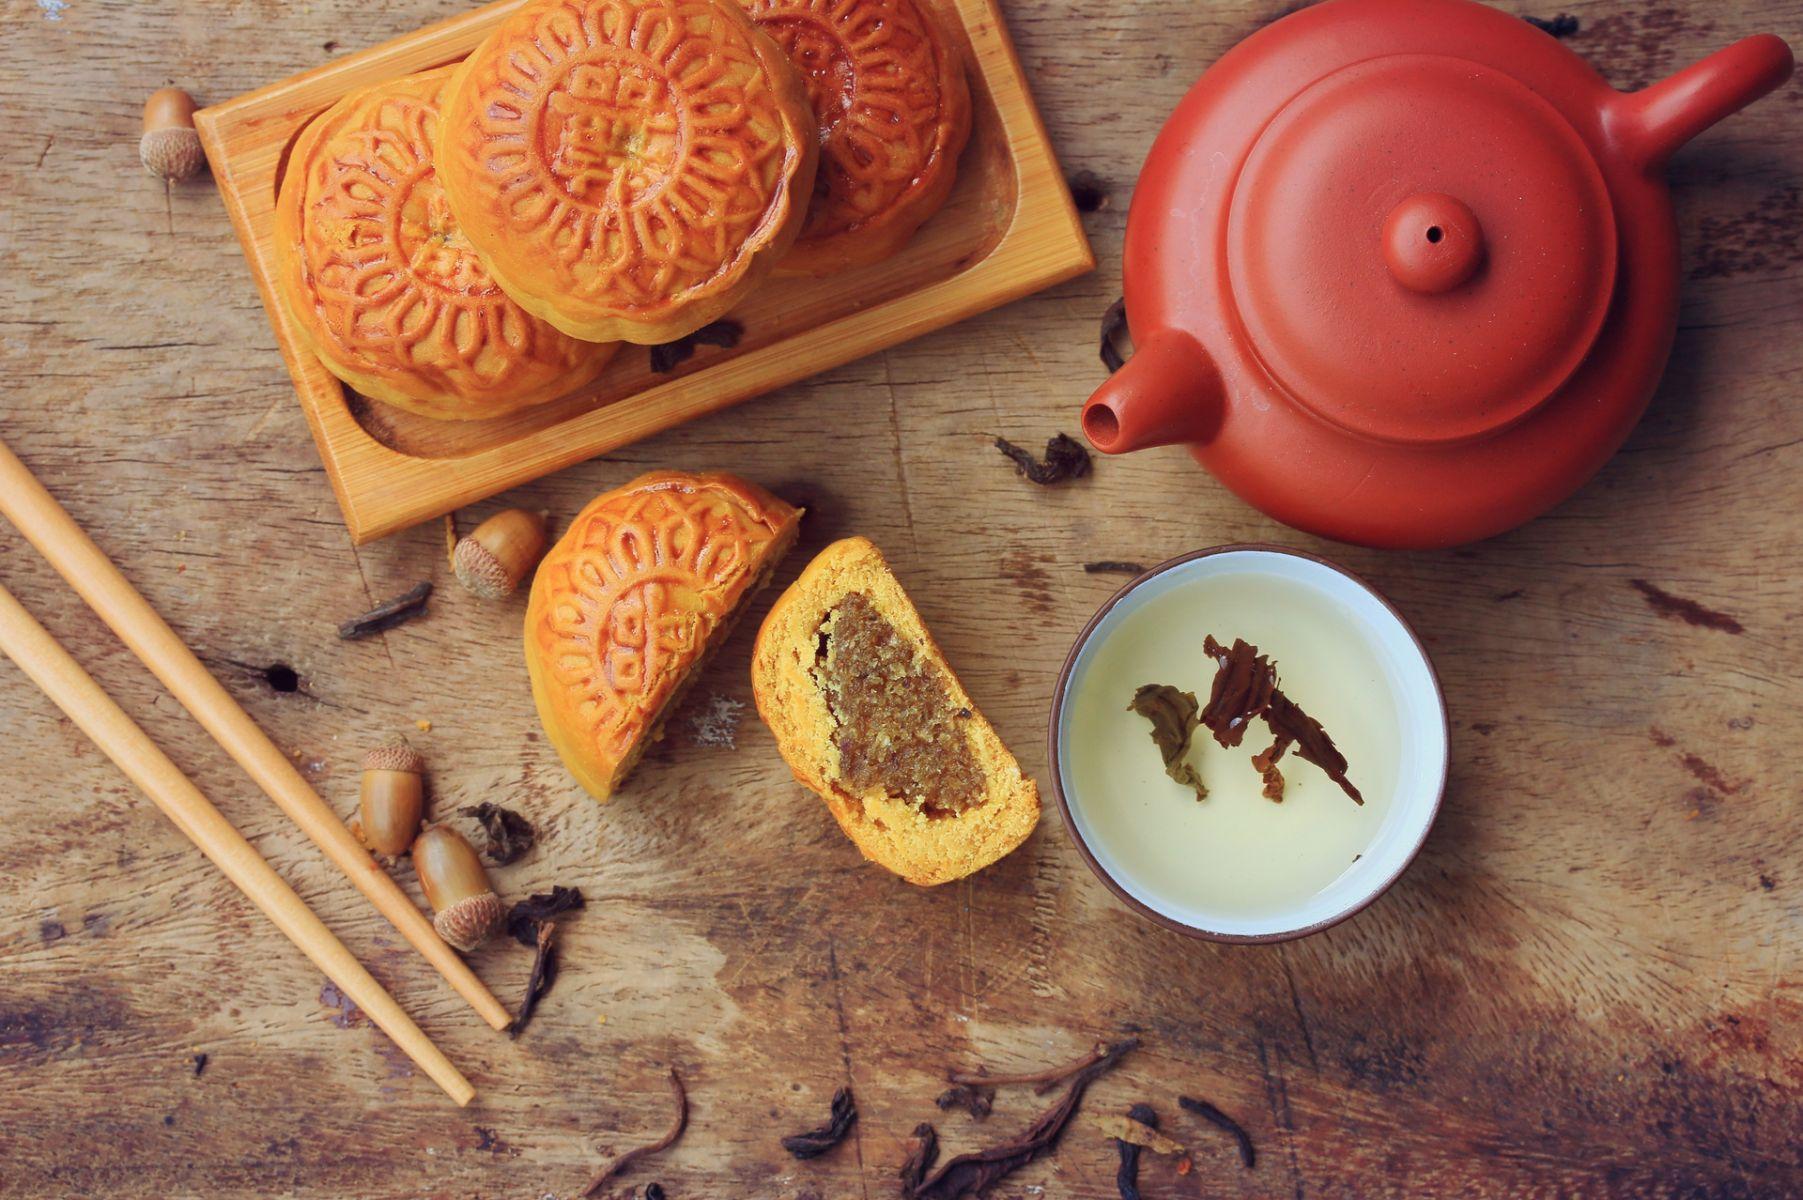 健康清爽度中秋!低糖低油月餅這樣吃